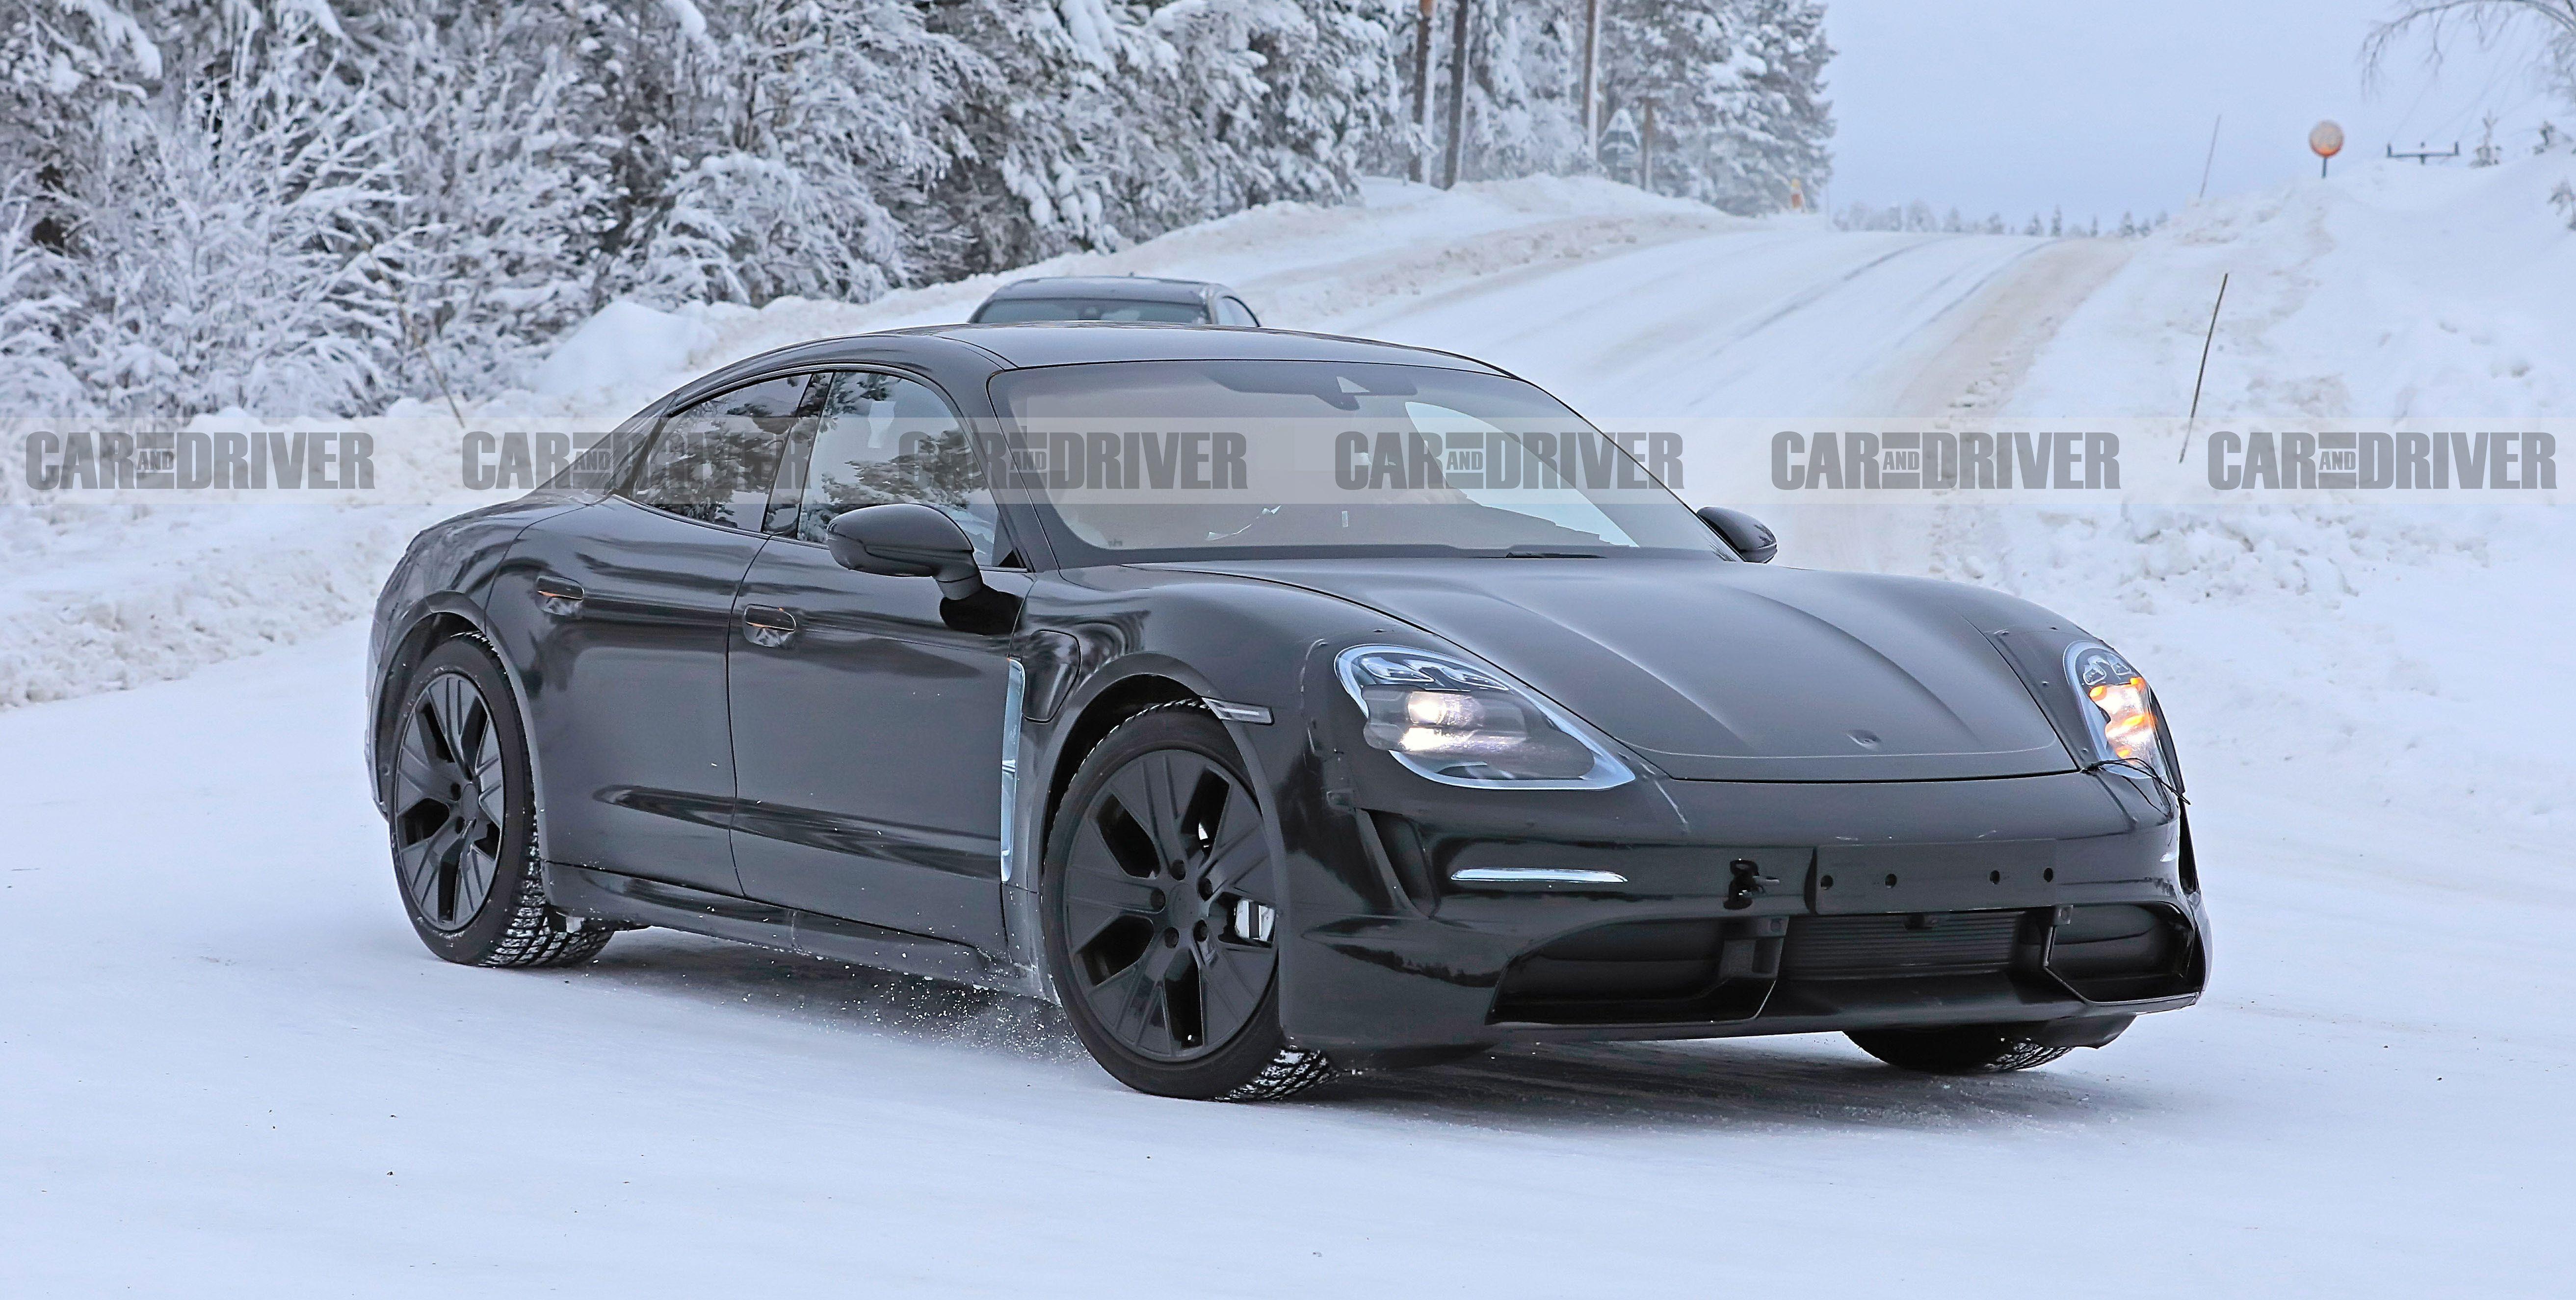 New 2020 Porsche Taycan EV Details Revealed in Spy Photos